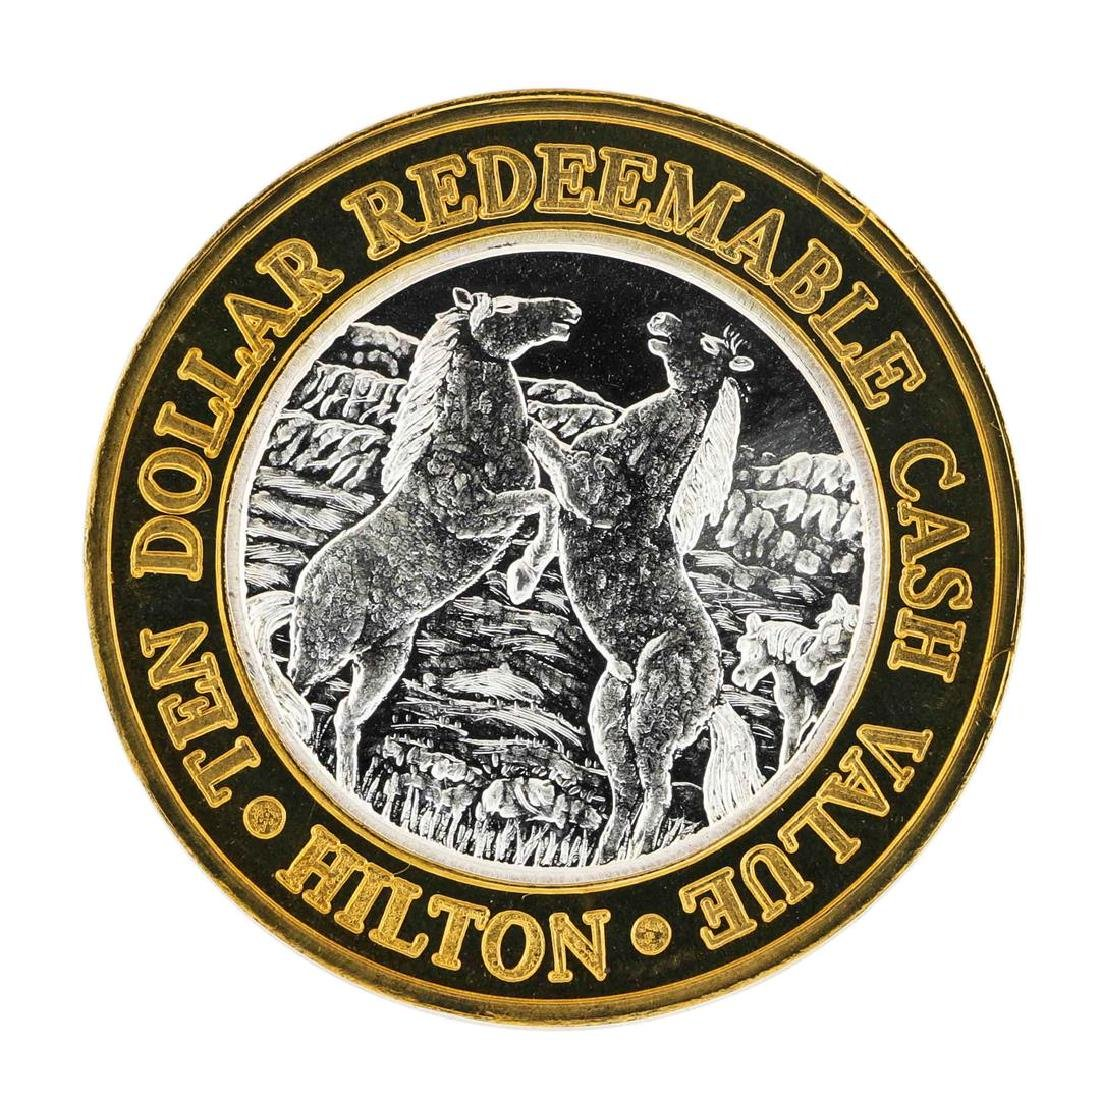 .999 Silver Reno Hilton Nevada $10 Casino Limited